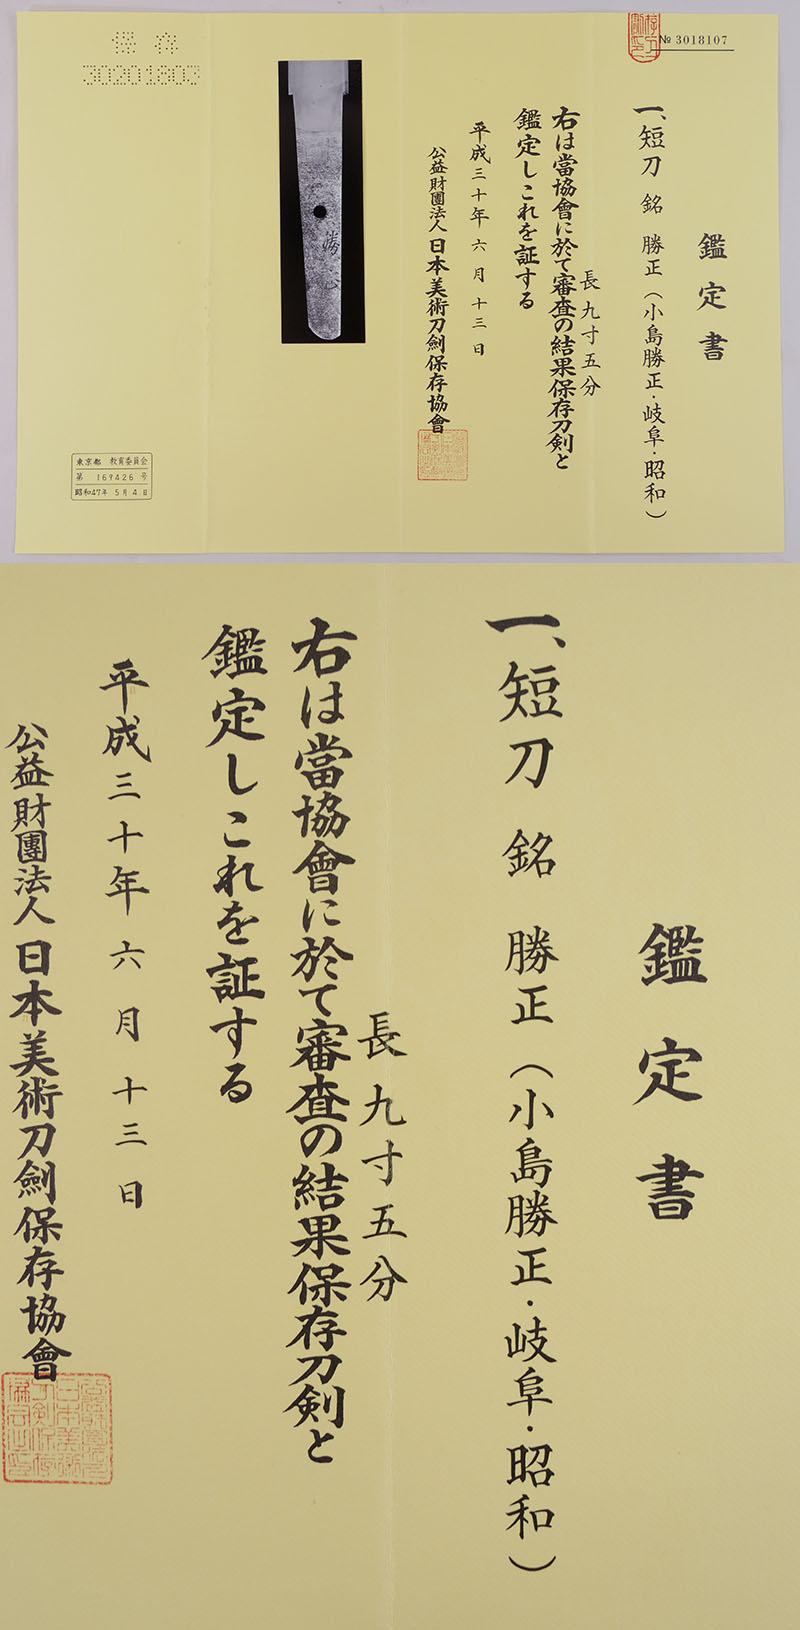 勝正(小島勝正・岐阜・昭和) Picture of Certificate